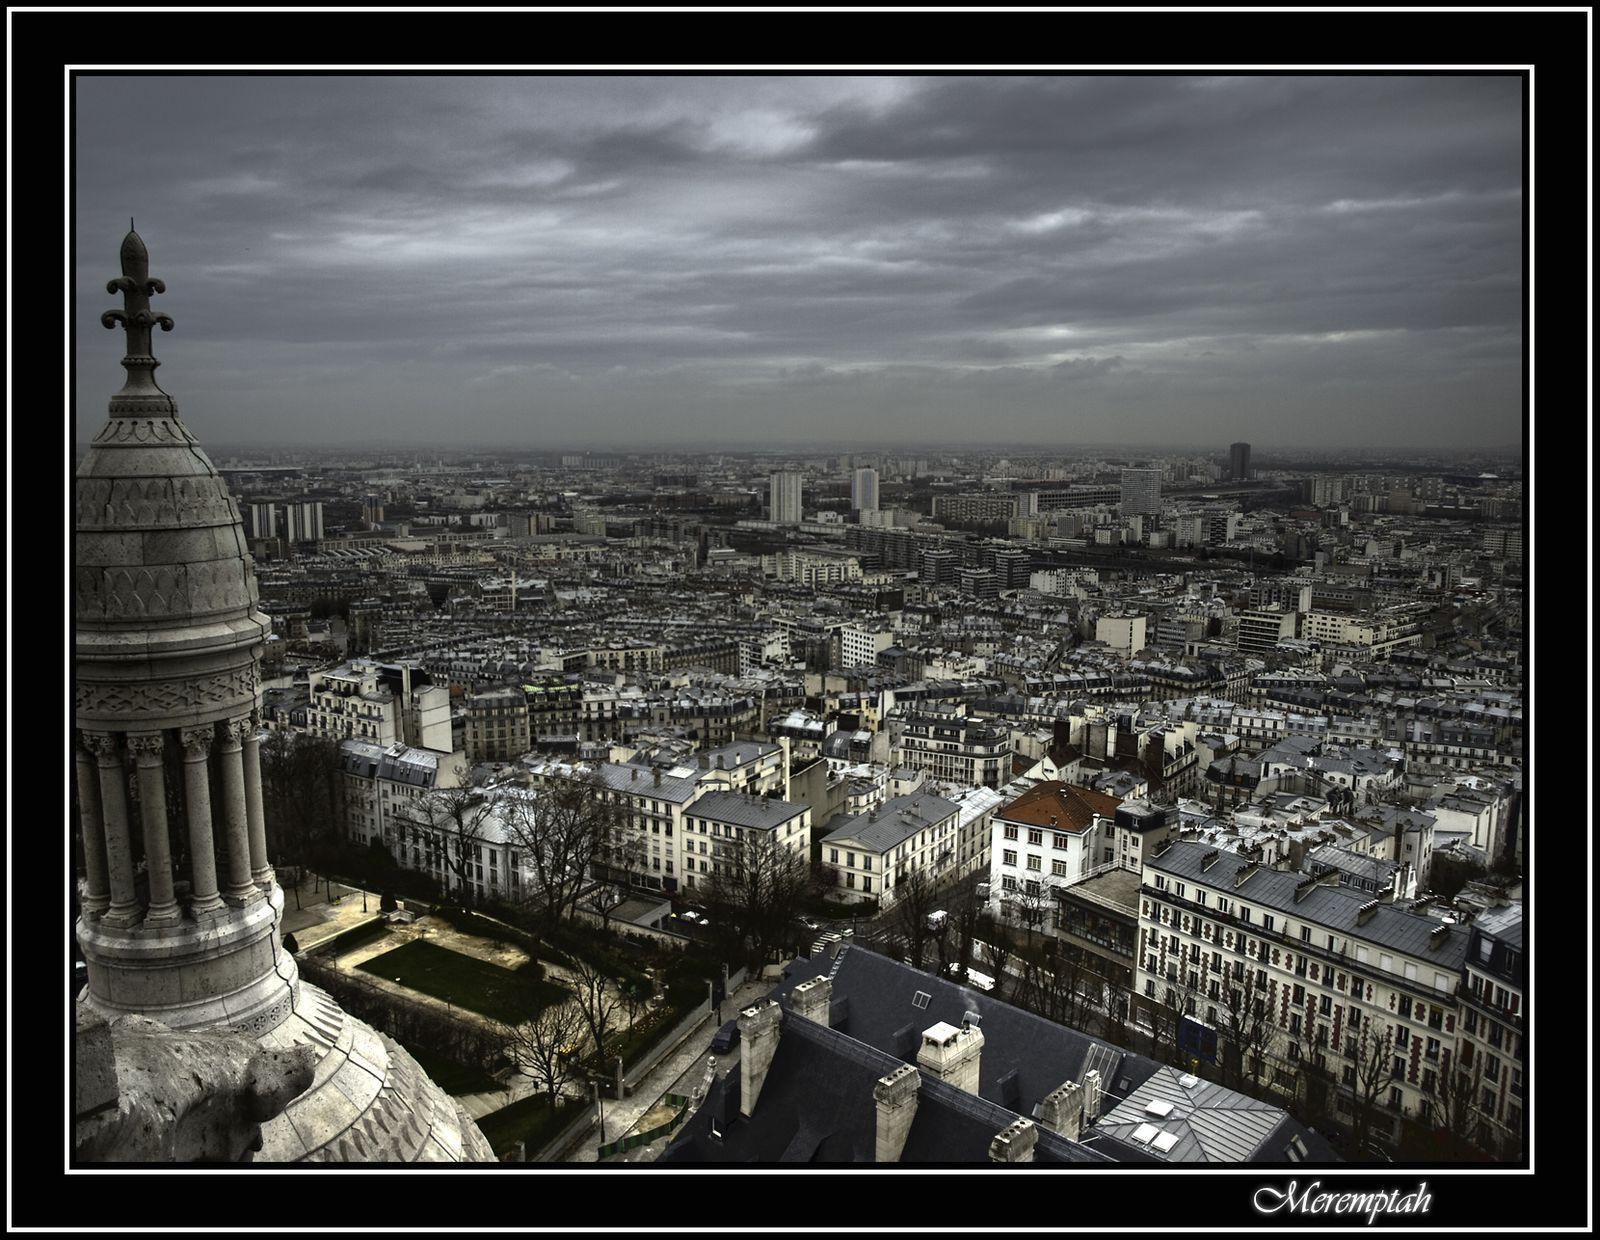 Paris sous nuages depuis coupole Sacré Coeur Montmartre HDR Photomatix